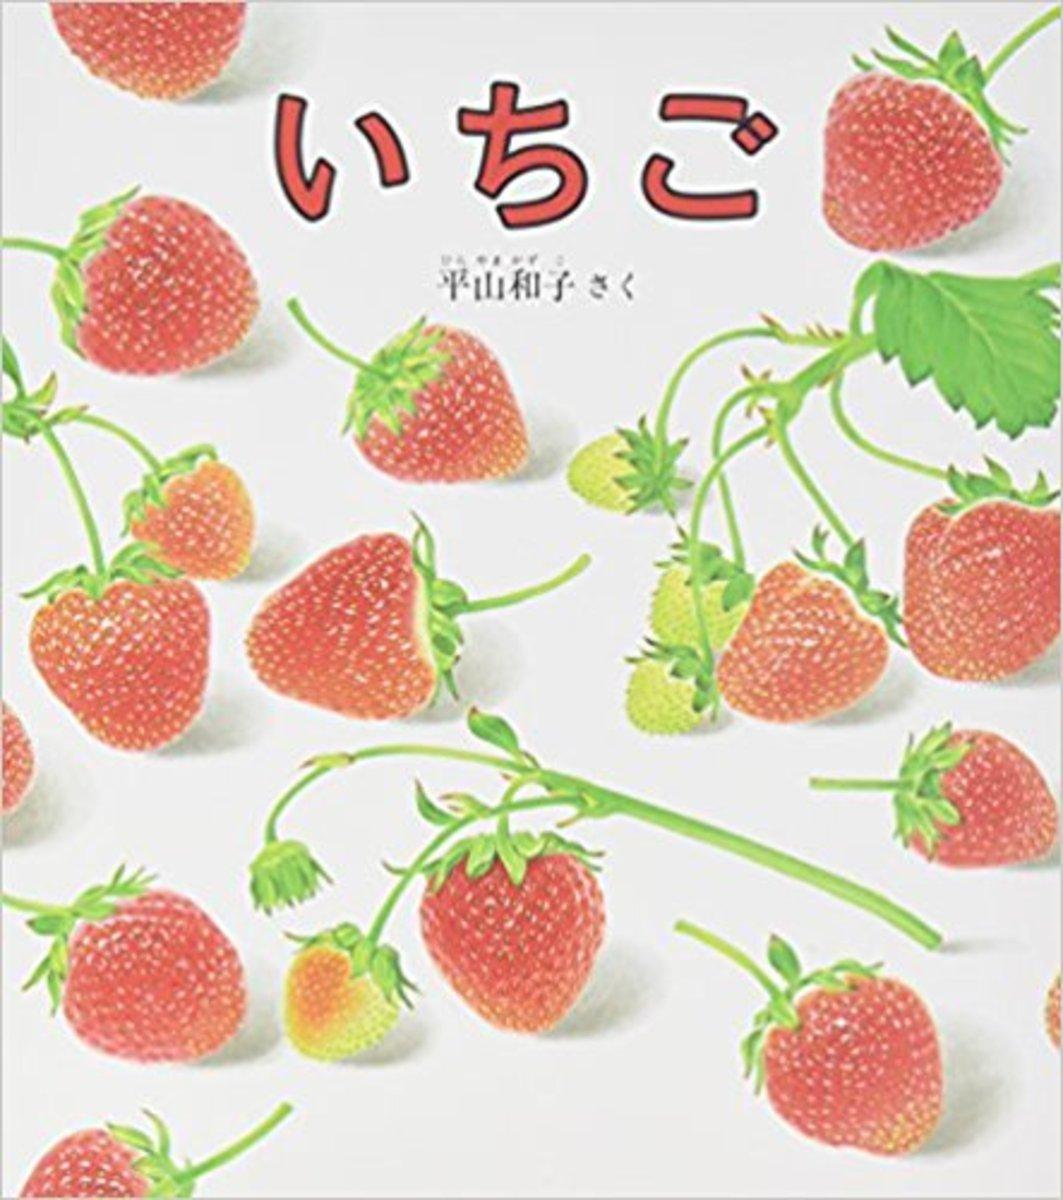 【食育に役立つお野菜の絵本たち】もういいかい? まあだだよ。 /平山 和子 作『いちご』